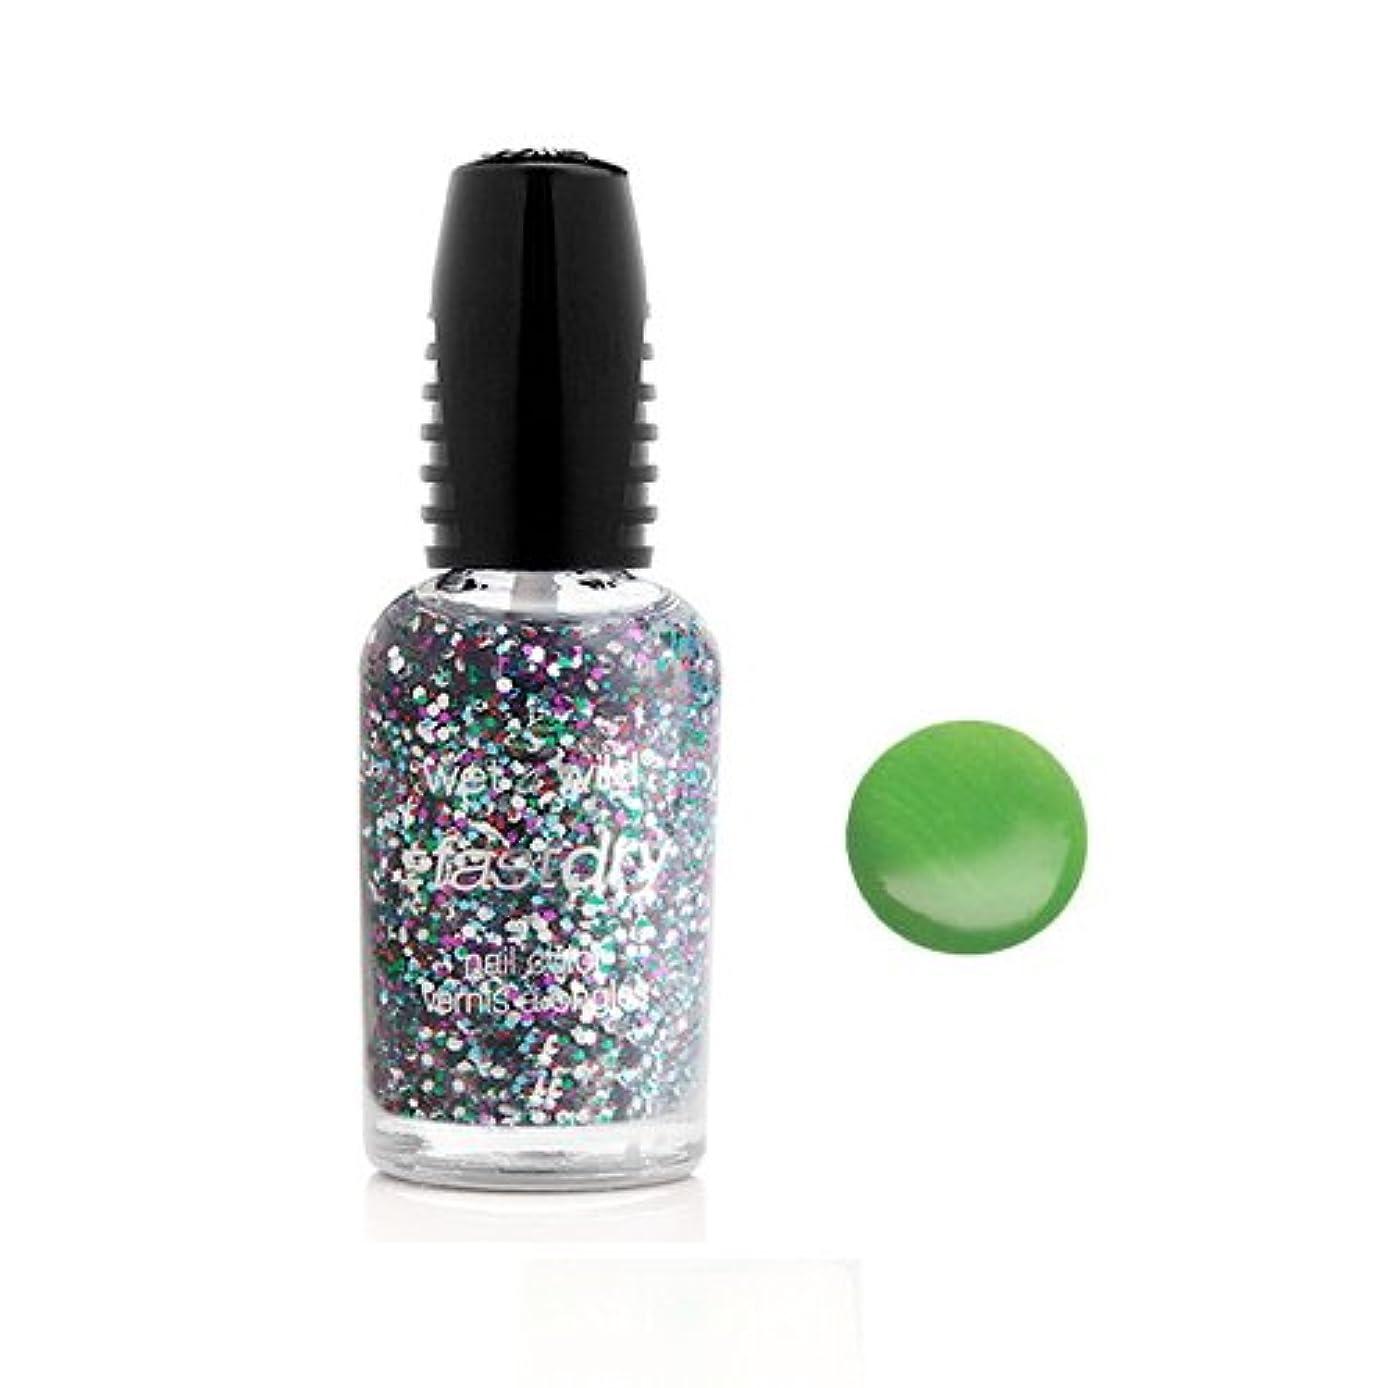 代名詞ギャラリー近くWET N WILD Fastdry Nail Color - Sage in the City (並行輸入品)